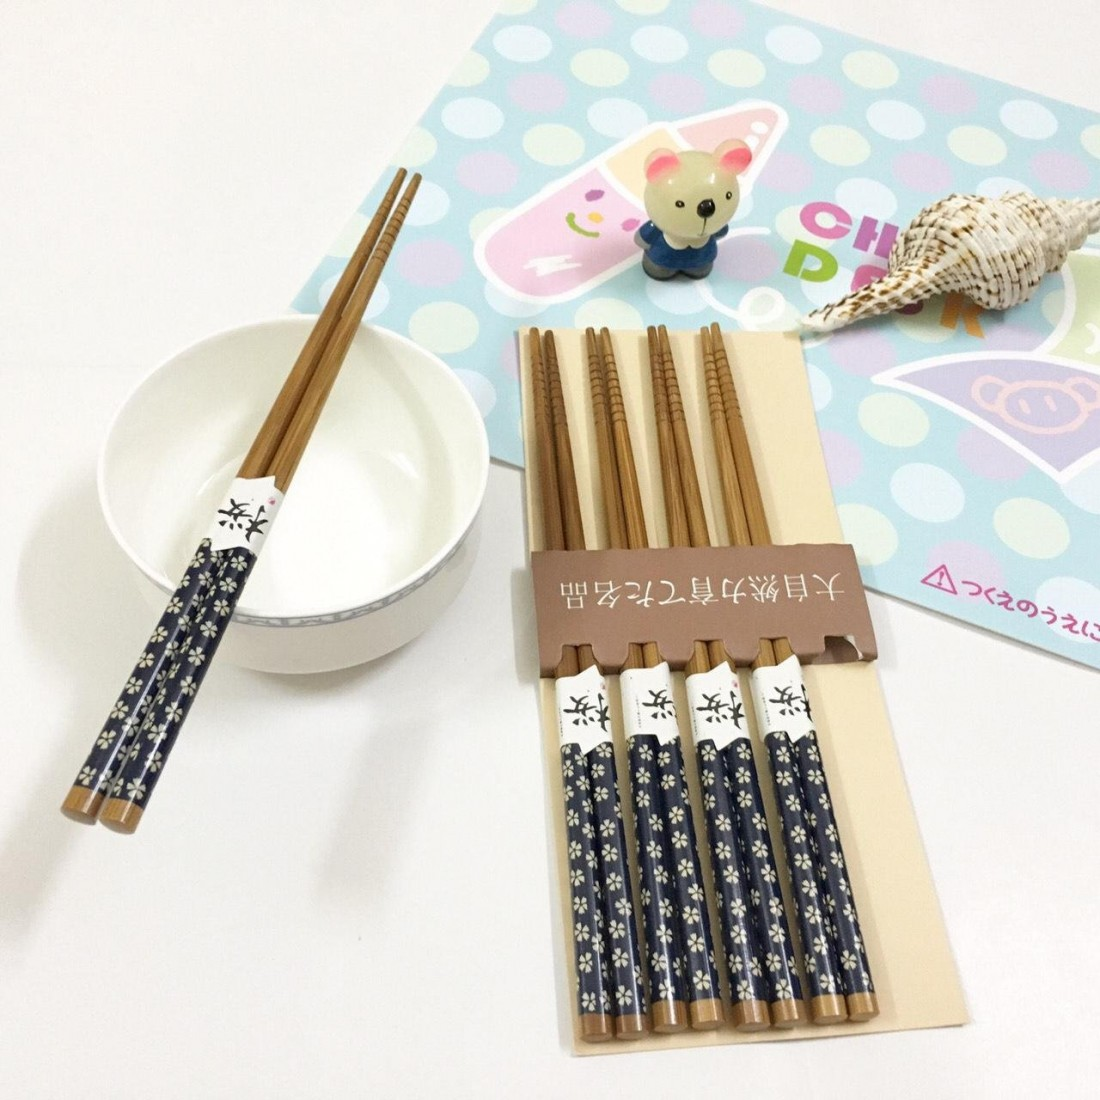 Set 5 đôi đũa hoa xanh (Made in Japan)-Thế giới đồ gia dụng HMD